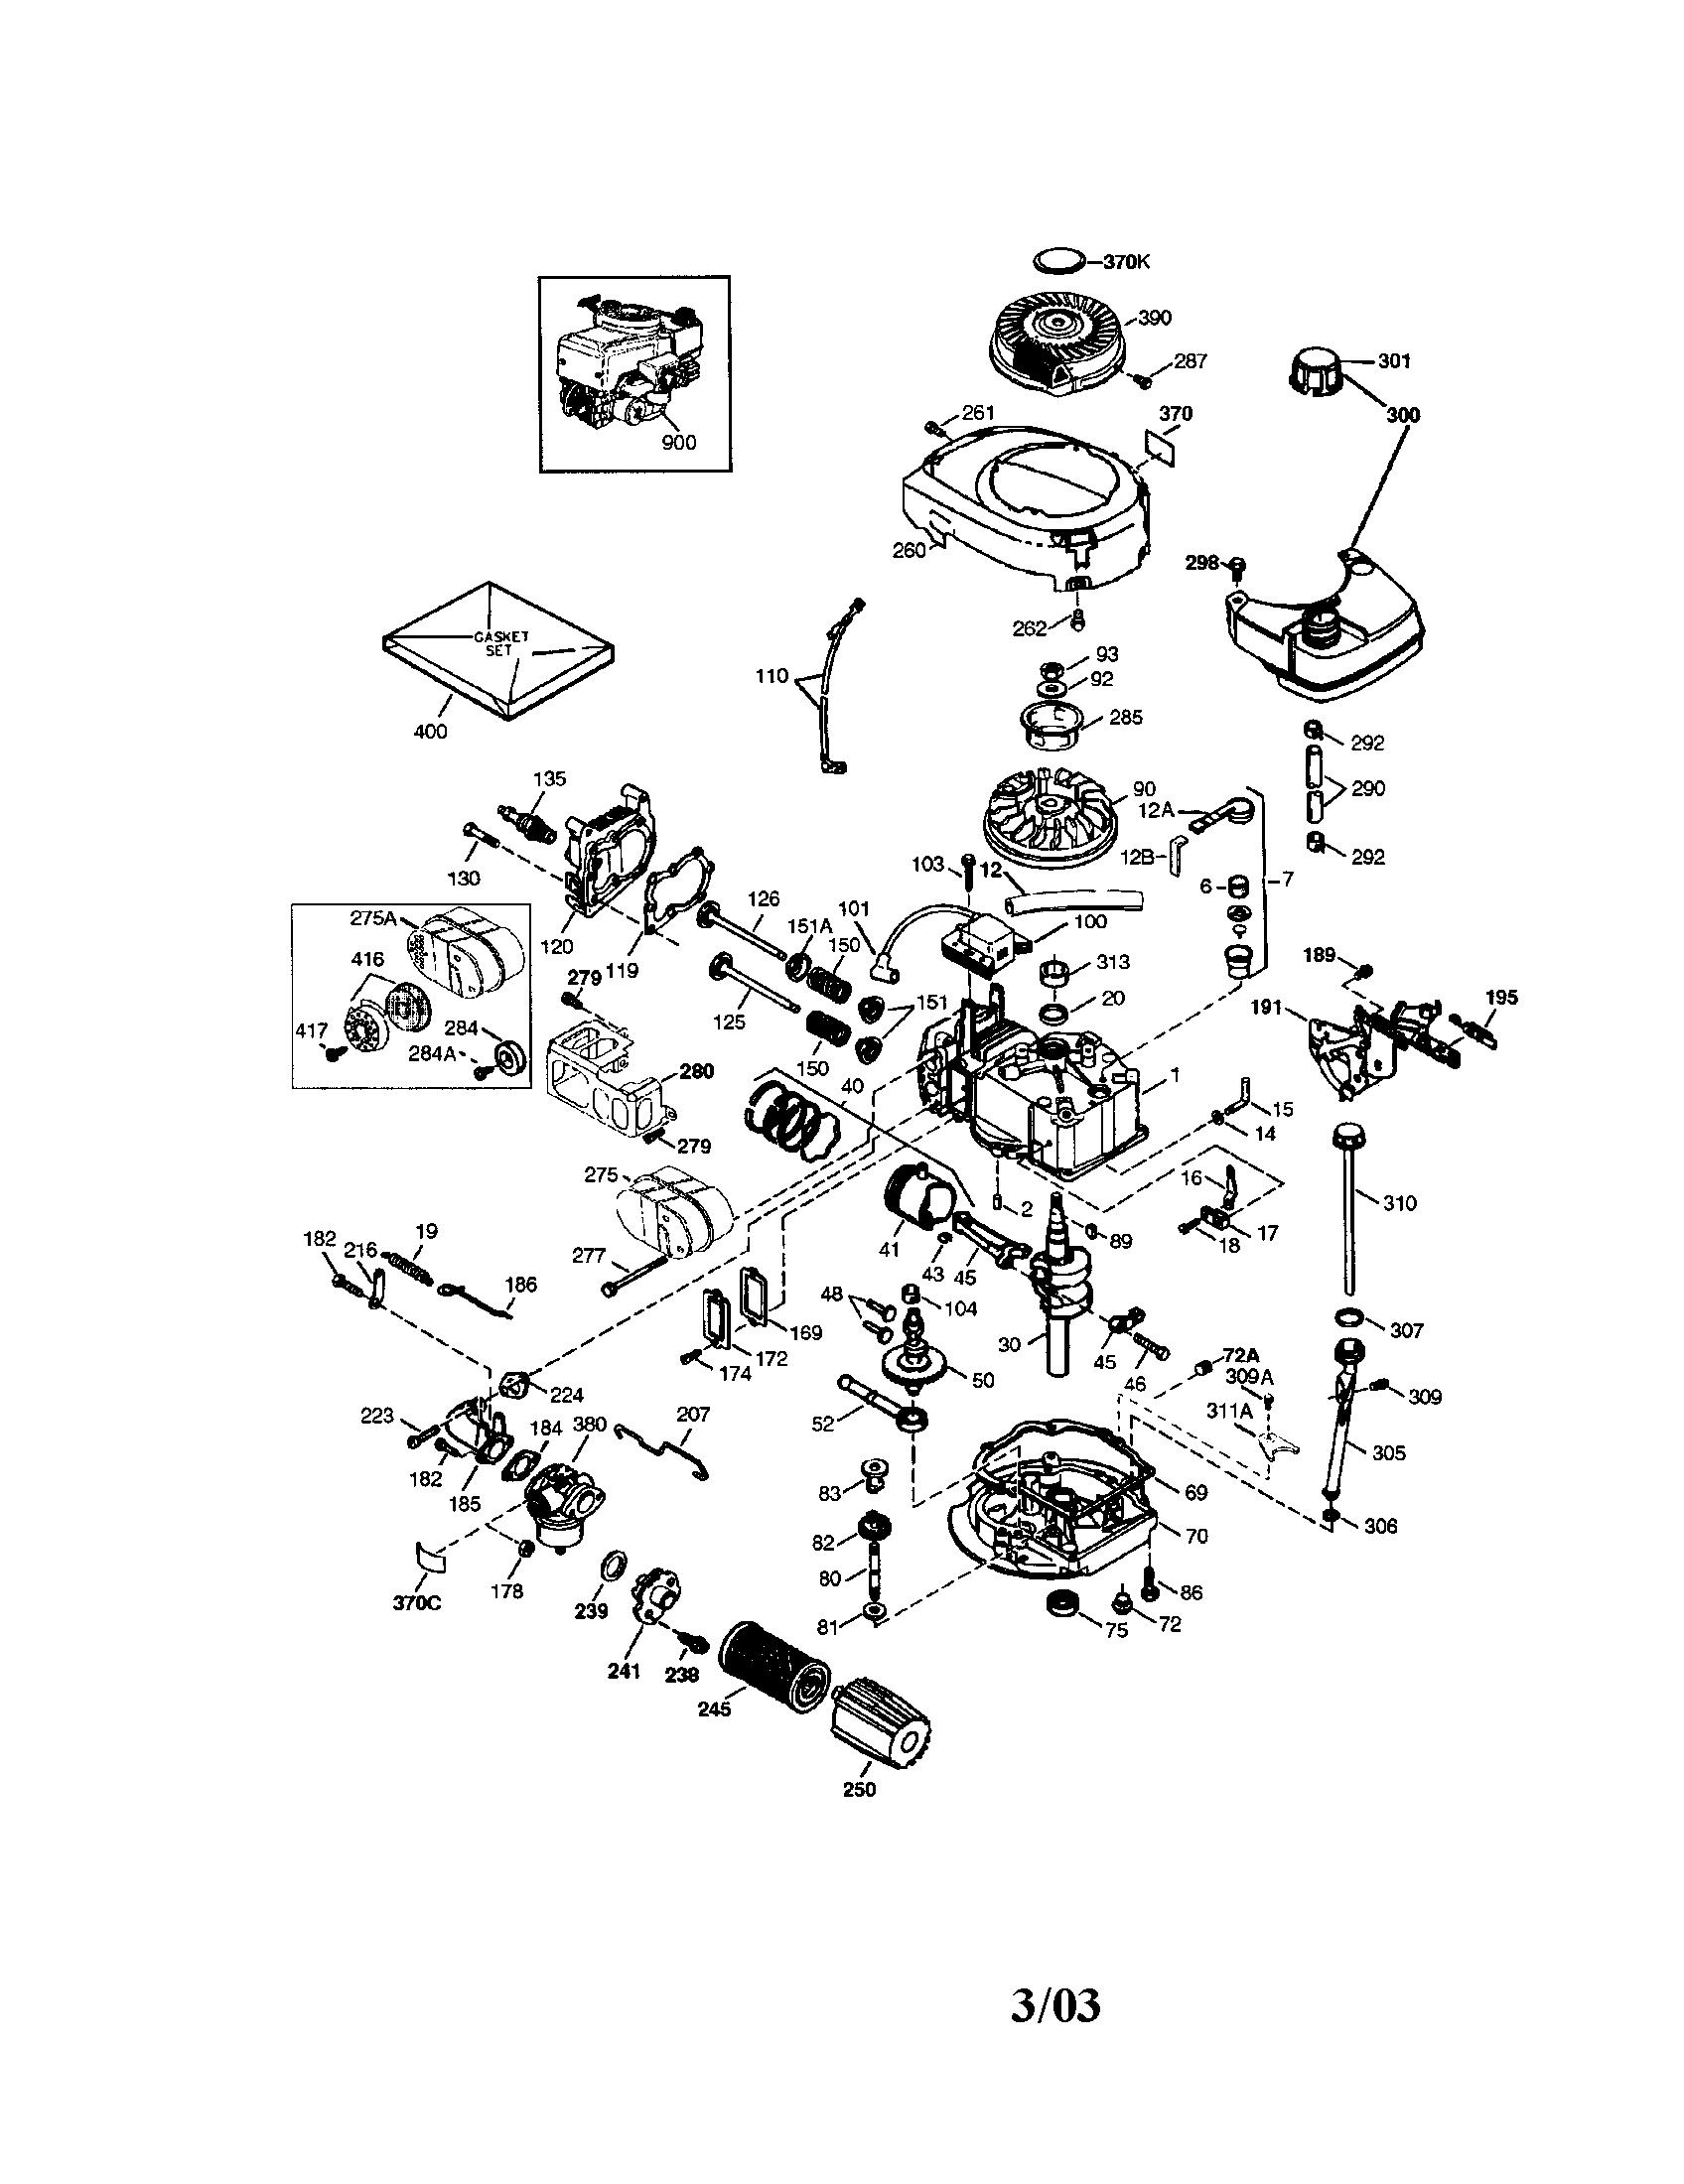 Craftsman tecumseh engine parts model 143034504 sears partsdirect